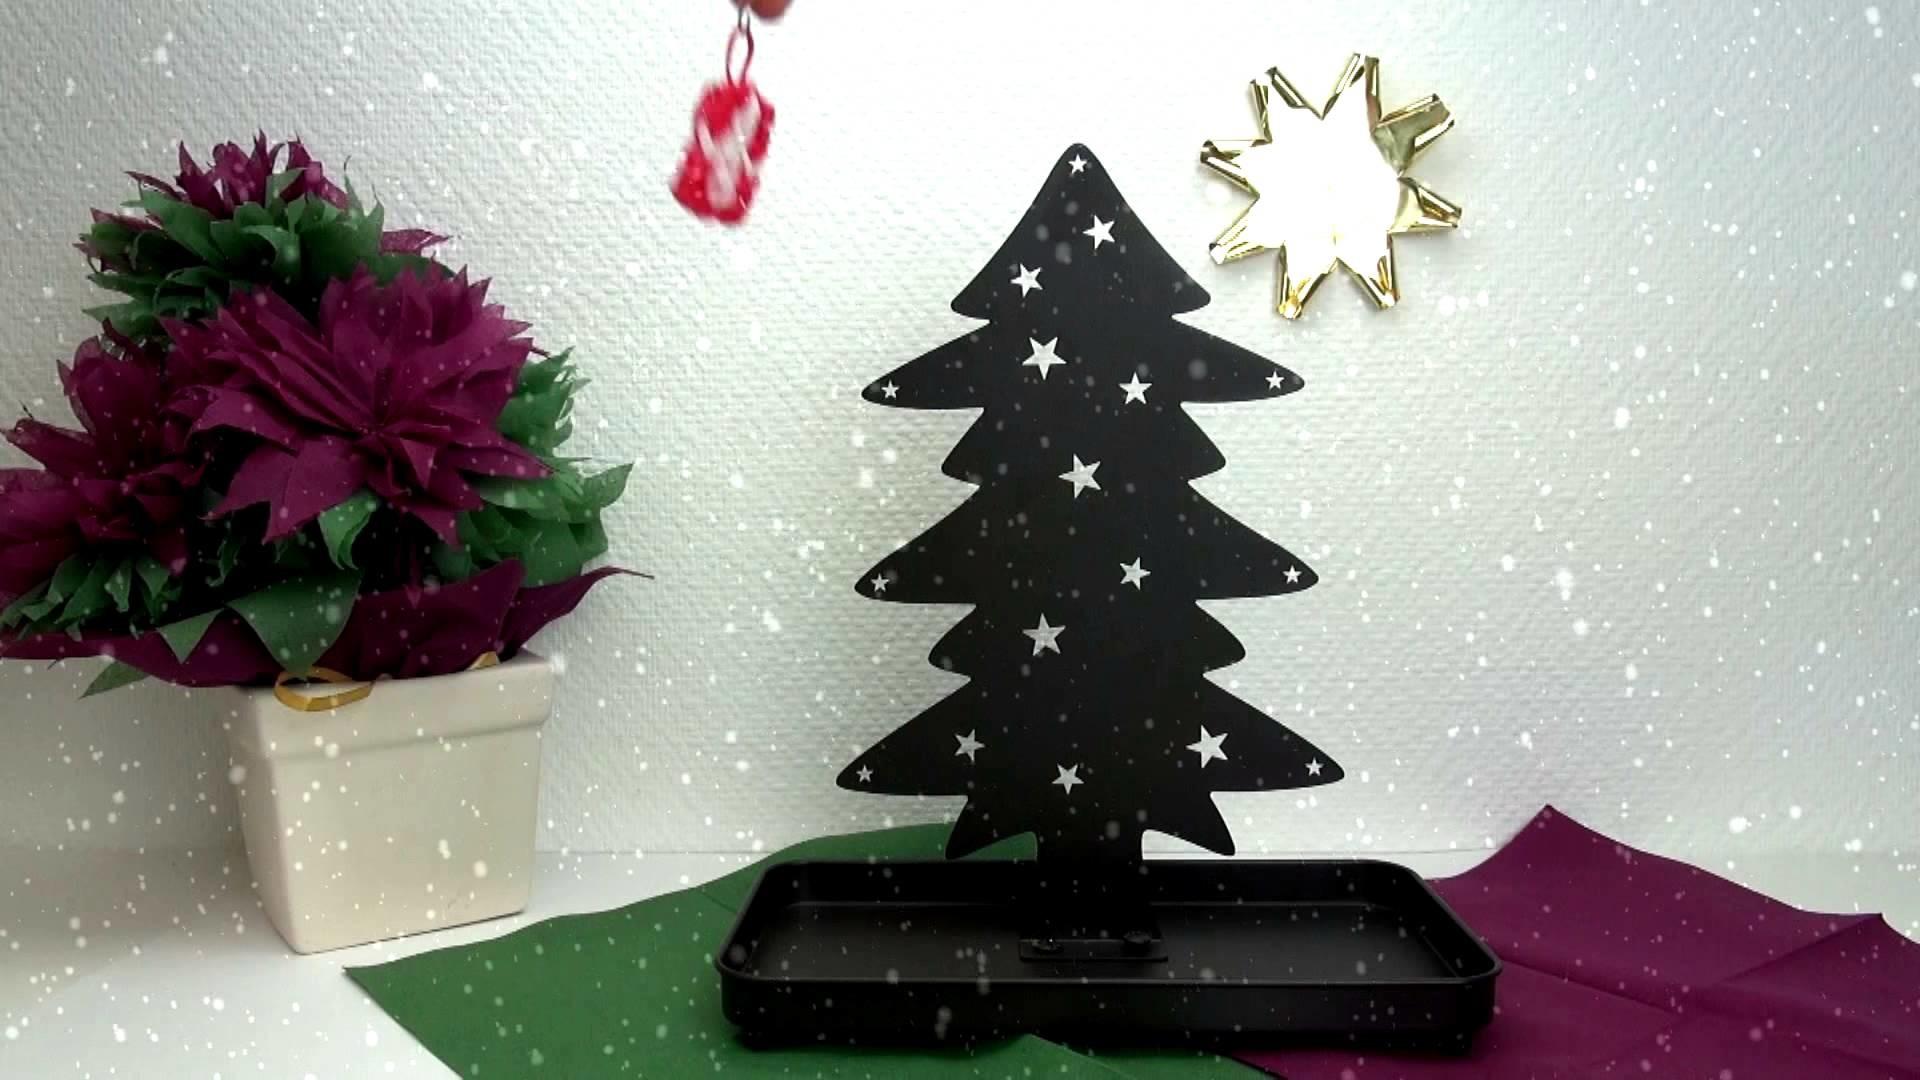 Das große WEIHNACHTSPROJEKT! Der YouTuber Weihnachtsbaum!